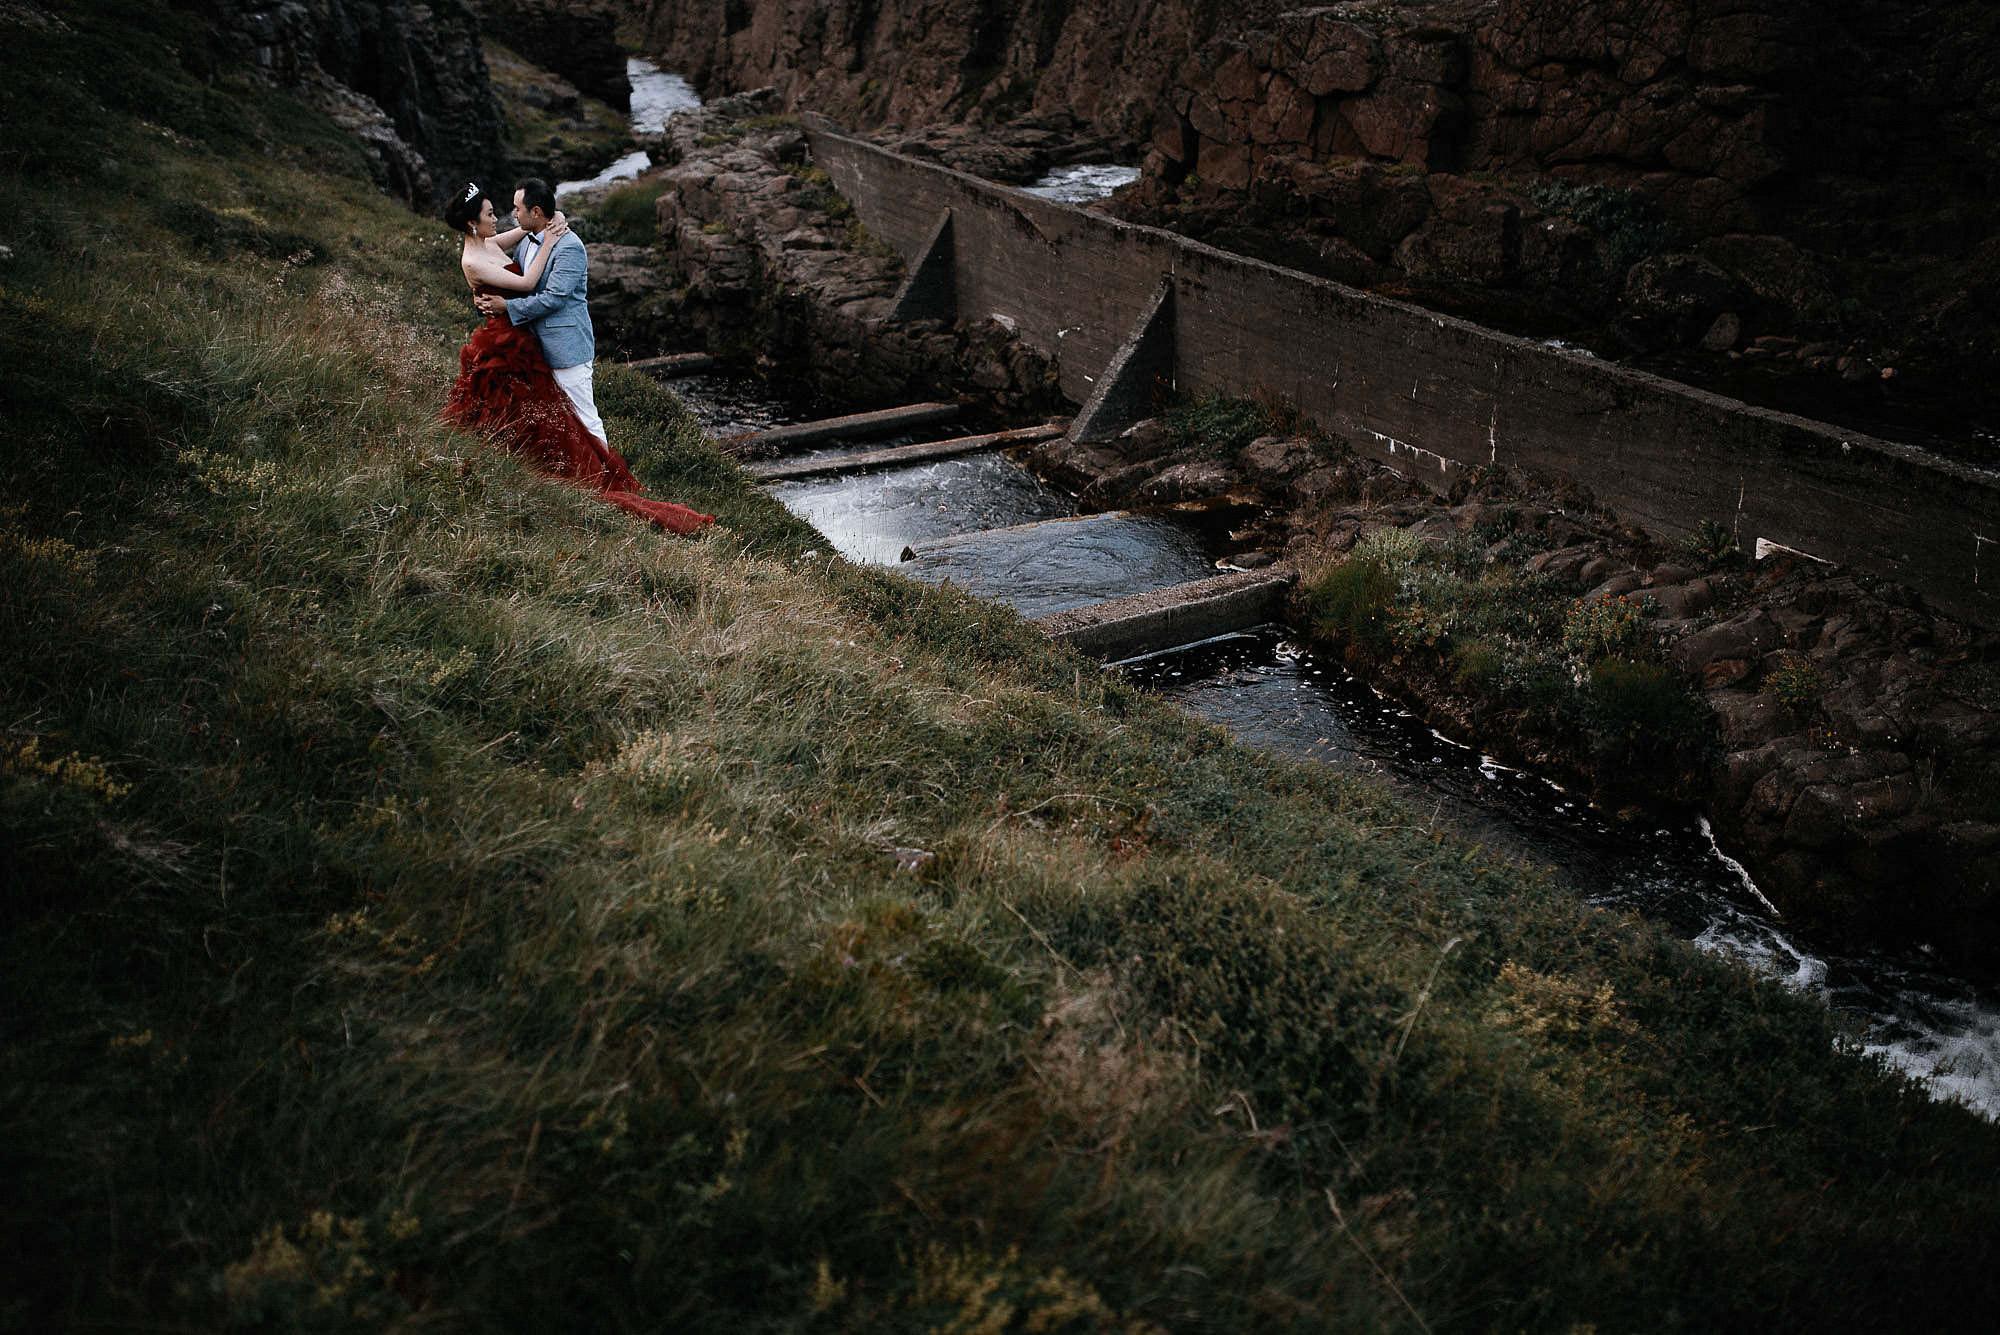 iceland-wedding-photographer_jere-satamo_photography-reykjavik-055.jpg